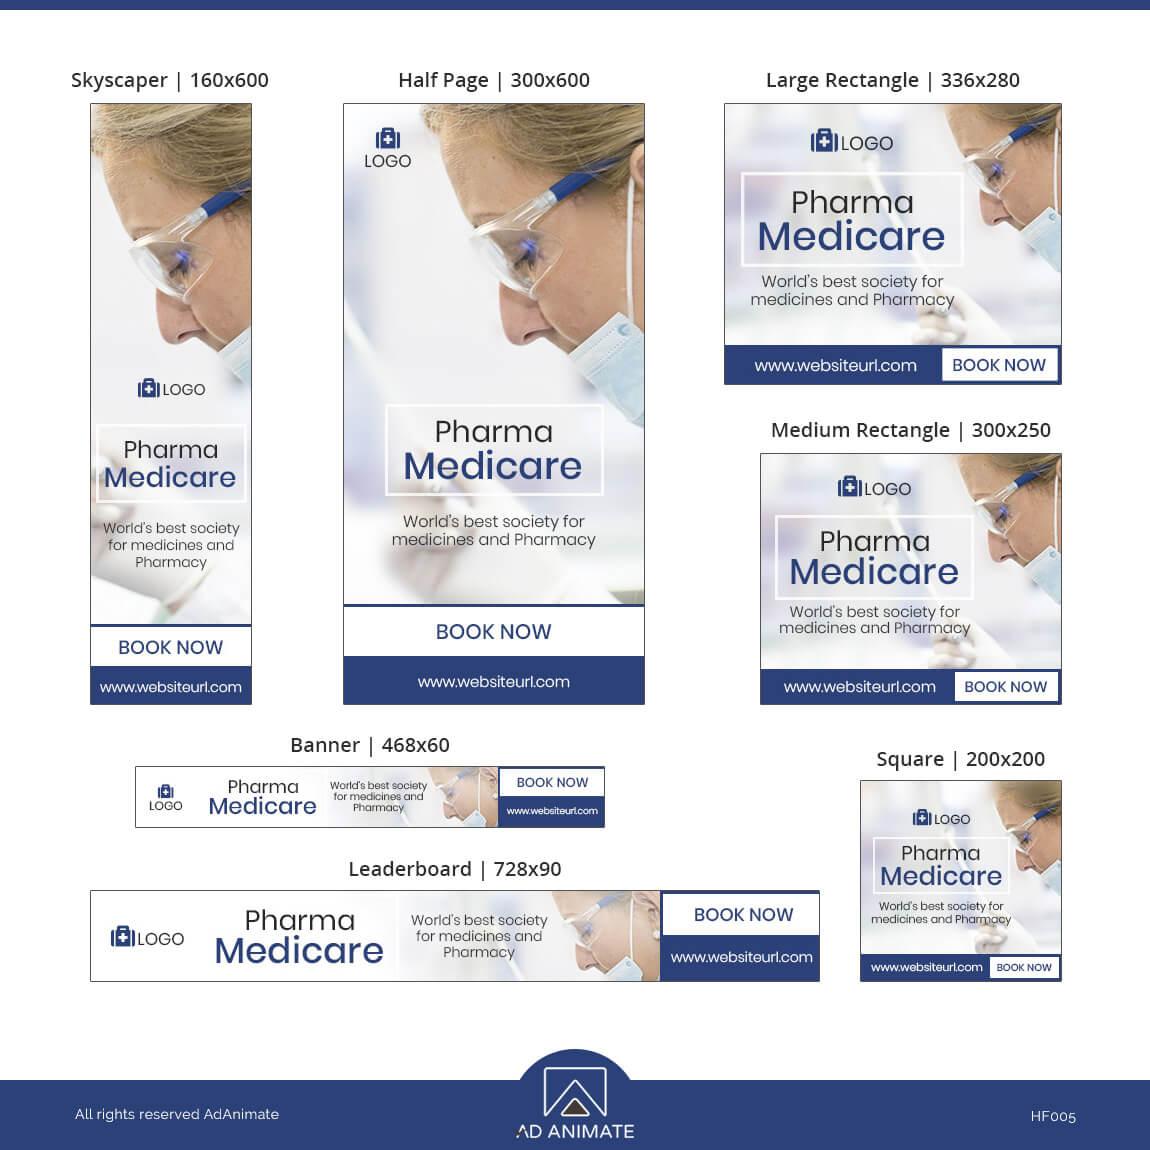 medicare-medical-banner-ad-banner